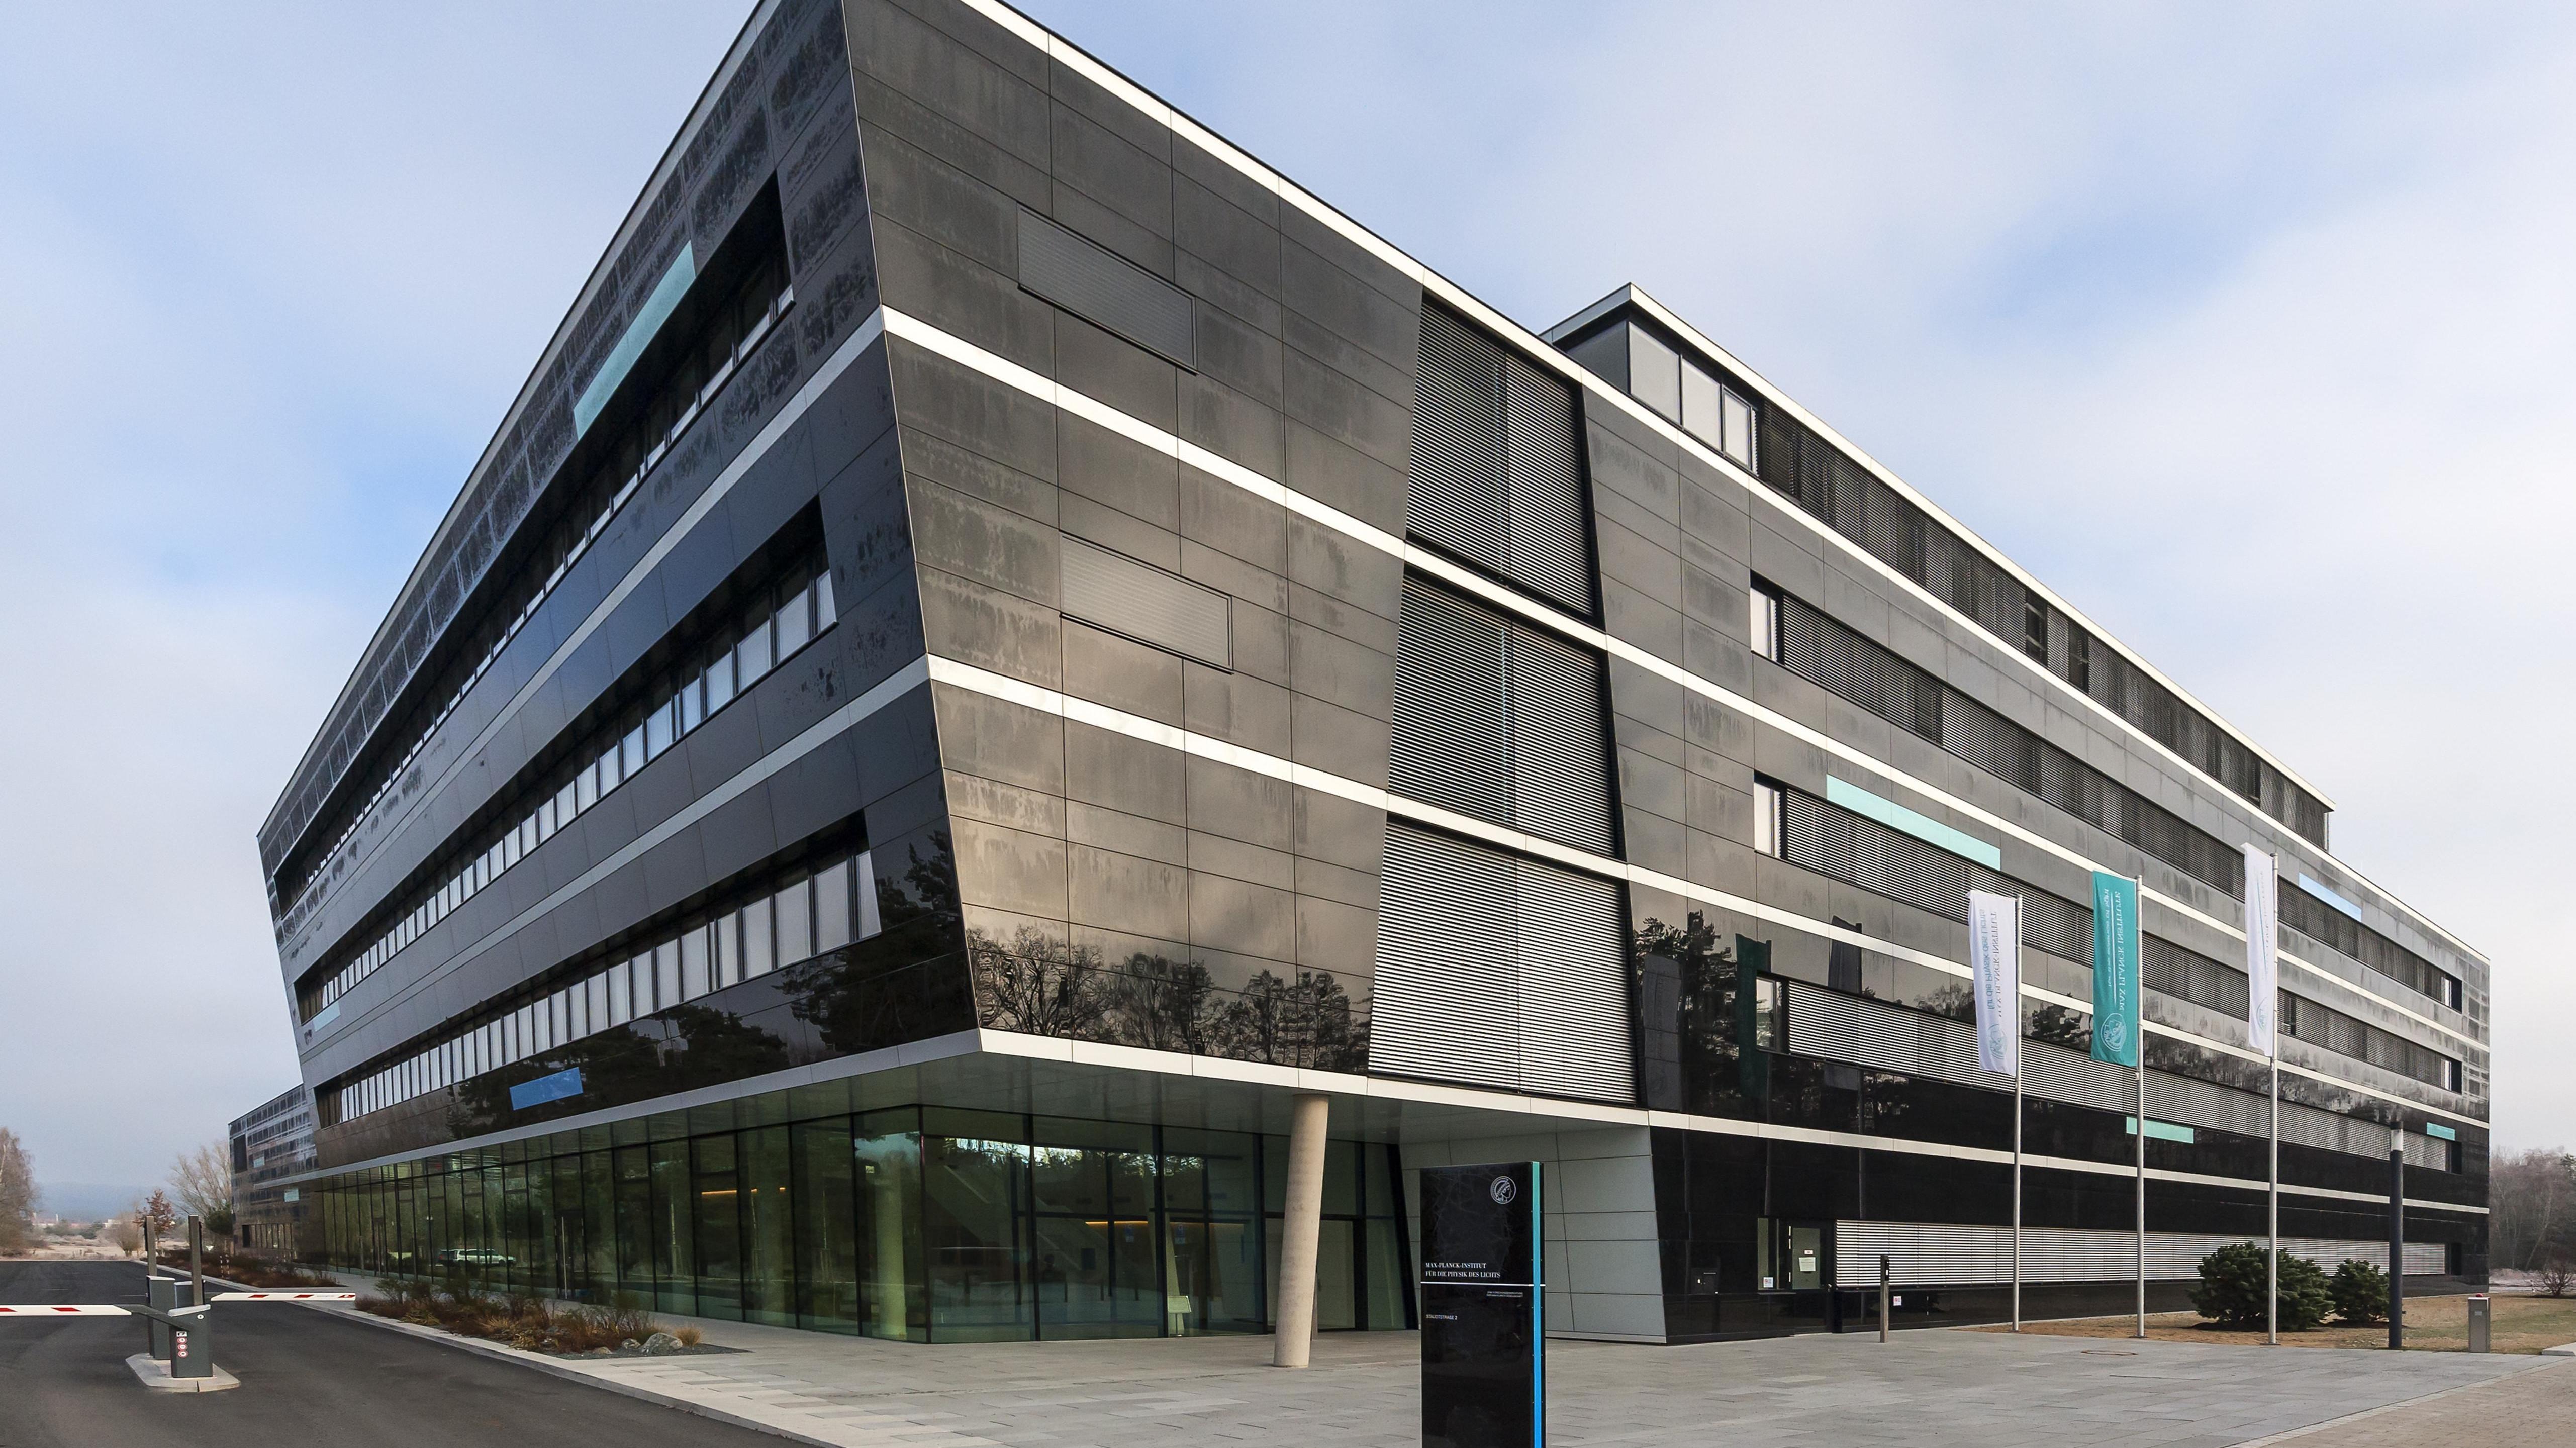 Das Max-Planck-Institut in Erlangen (Außenansicht)